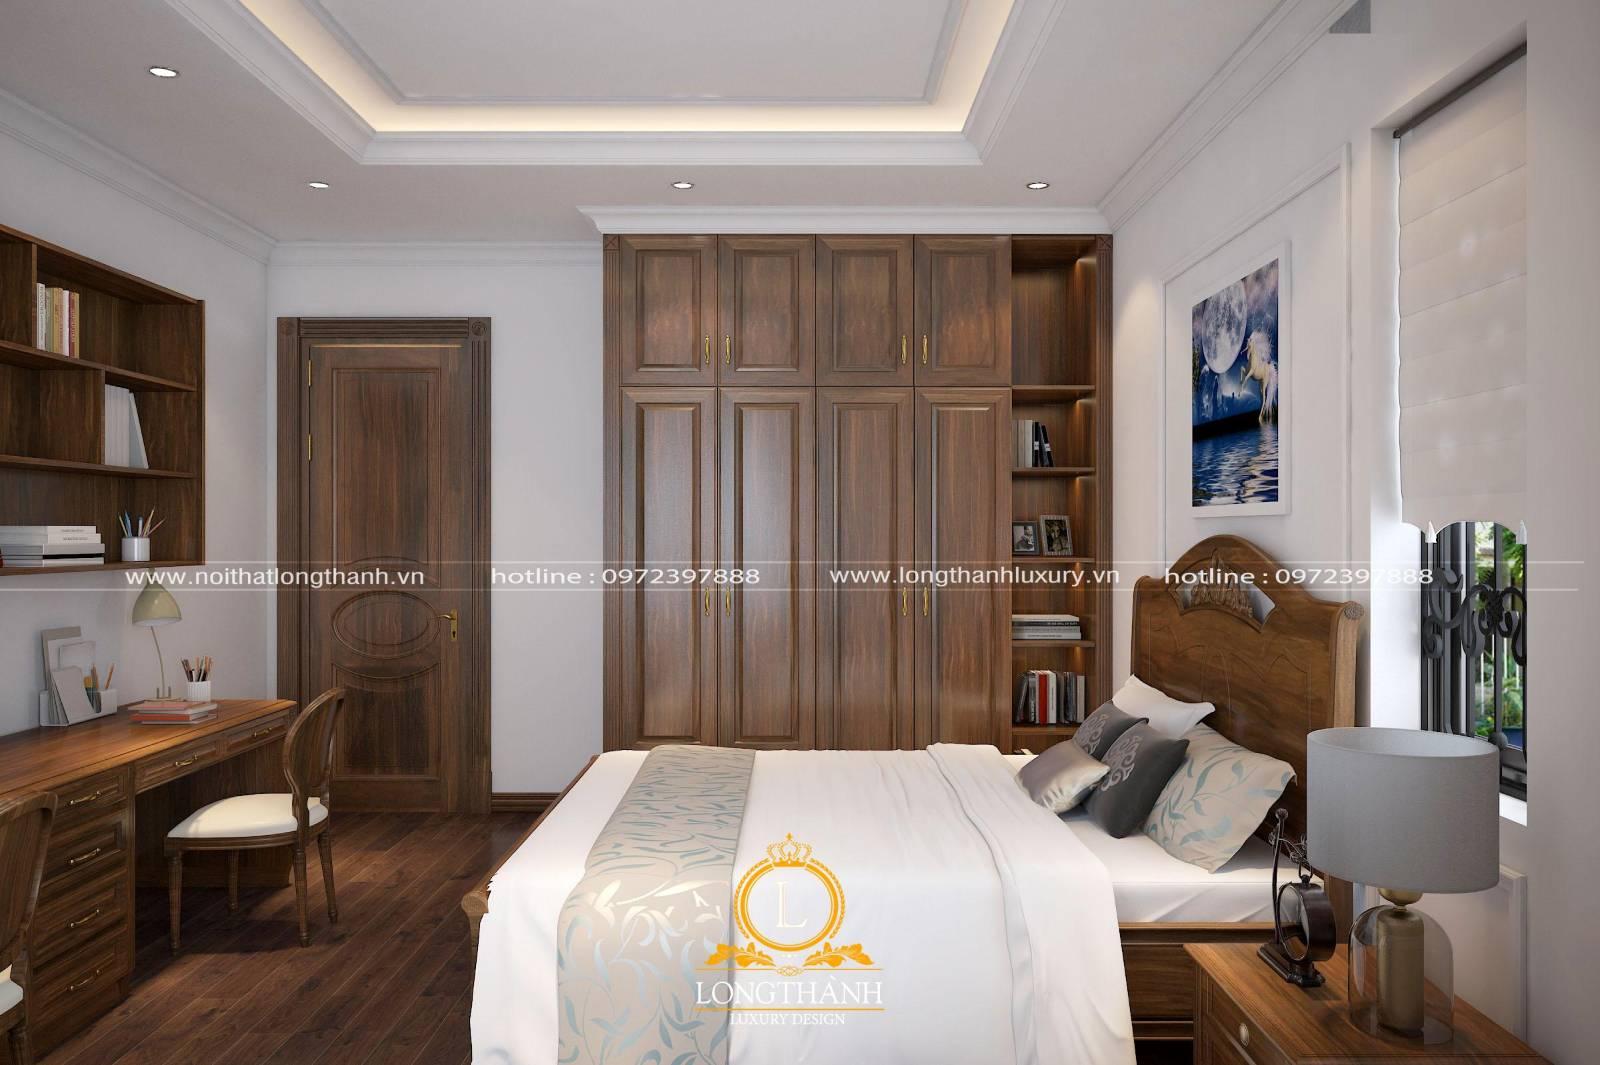 Toàn bộ đồ nội thất phòng ngủ được bày trí hài hòa cân đối với nhau